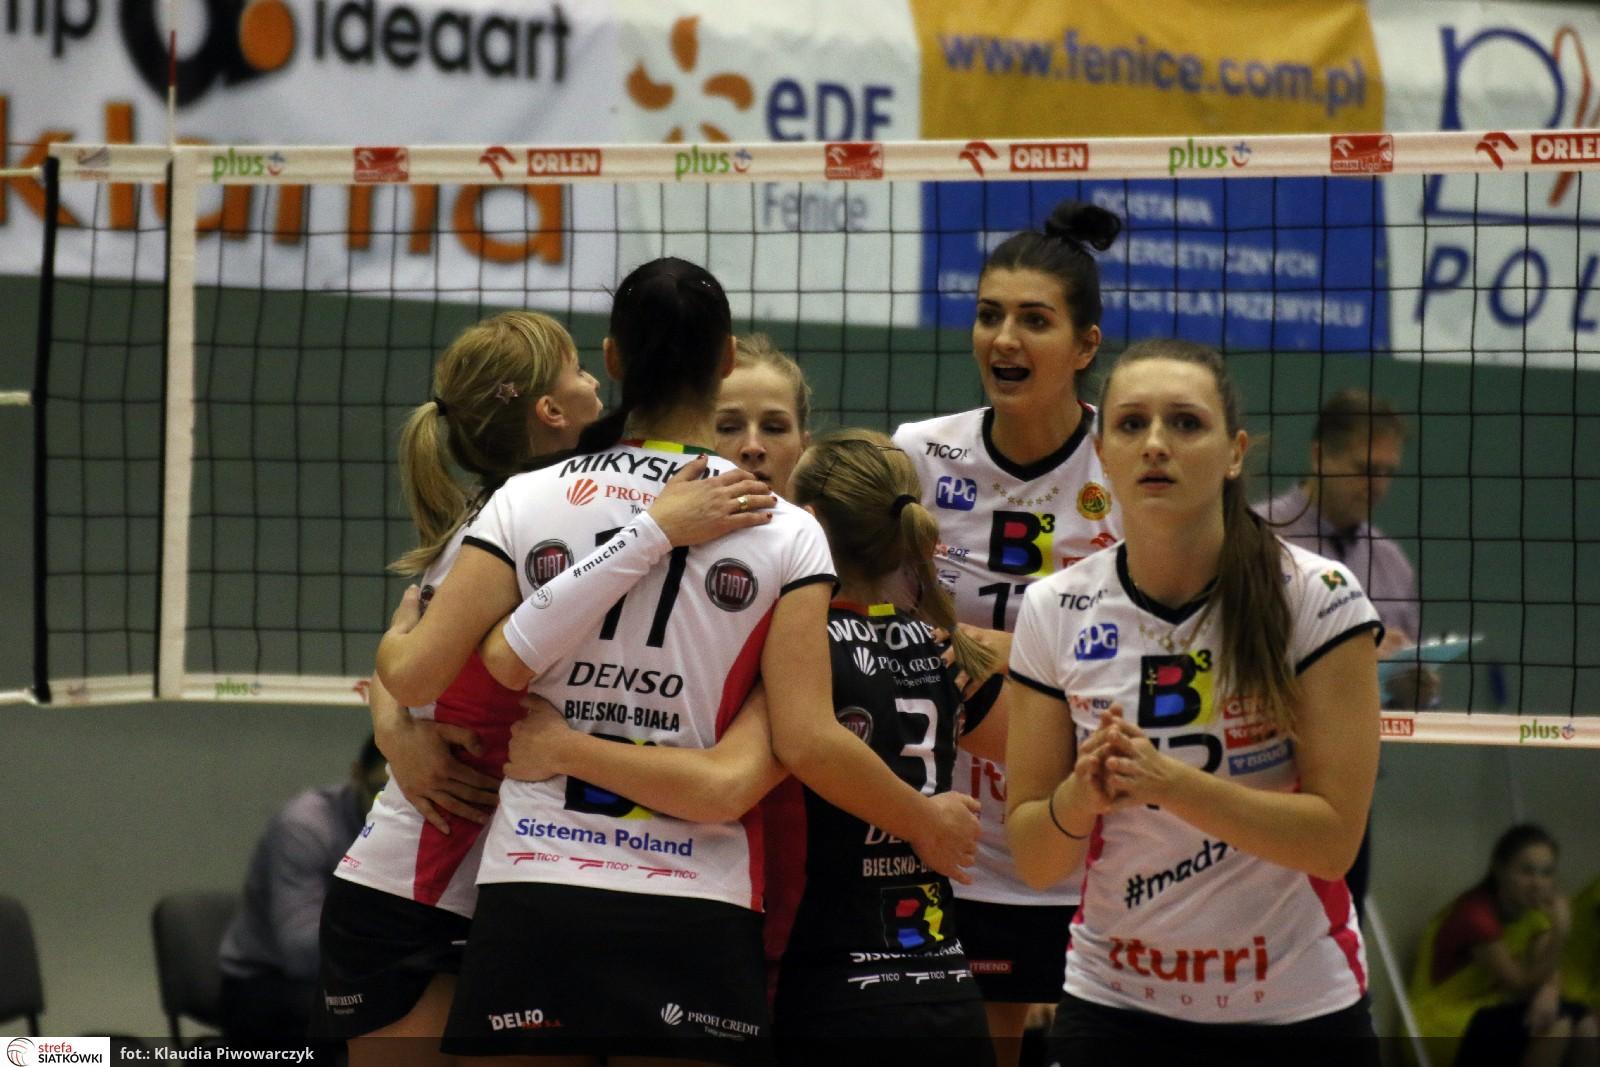 3 - BKS Profi Credit Bielsko-Biala